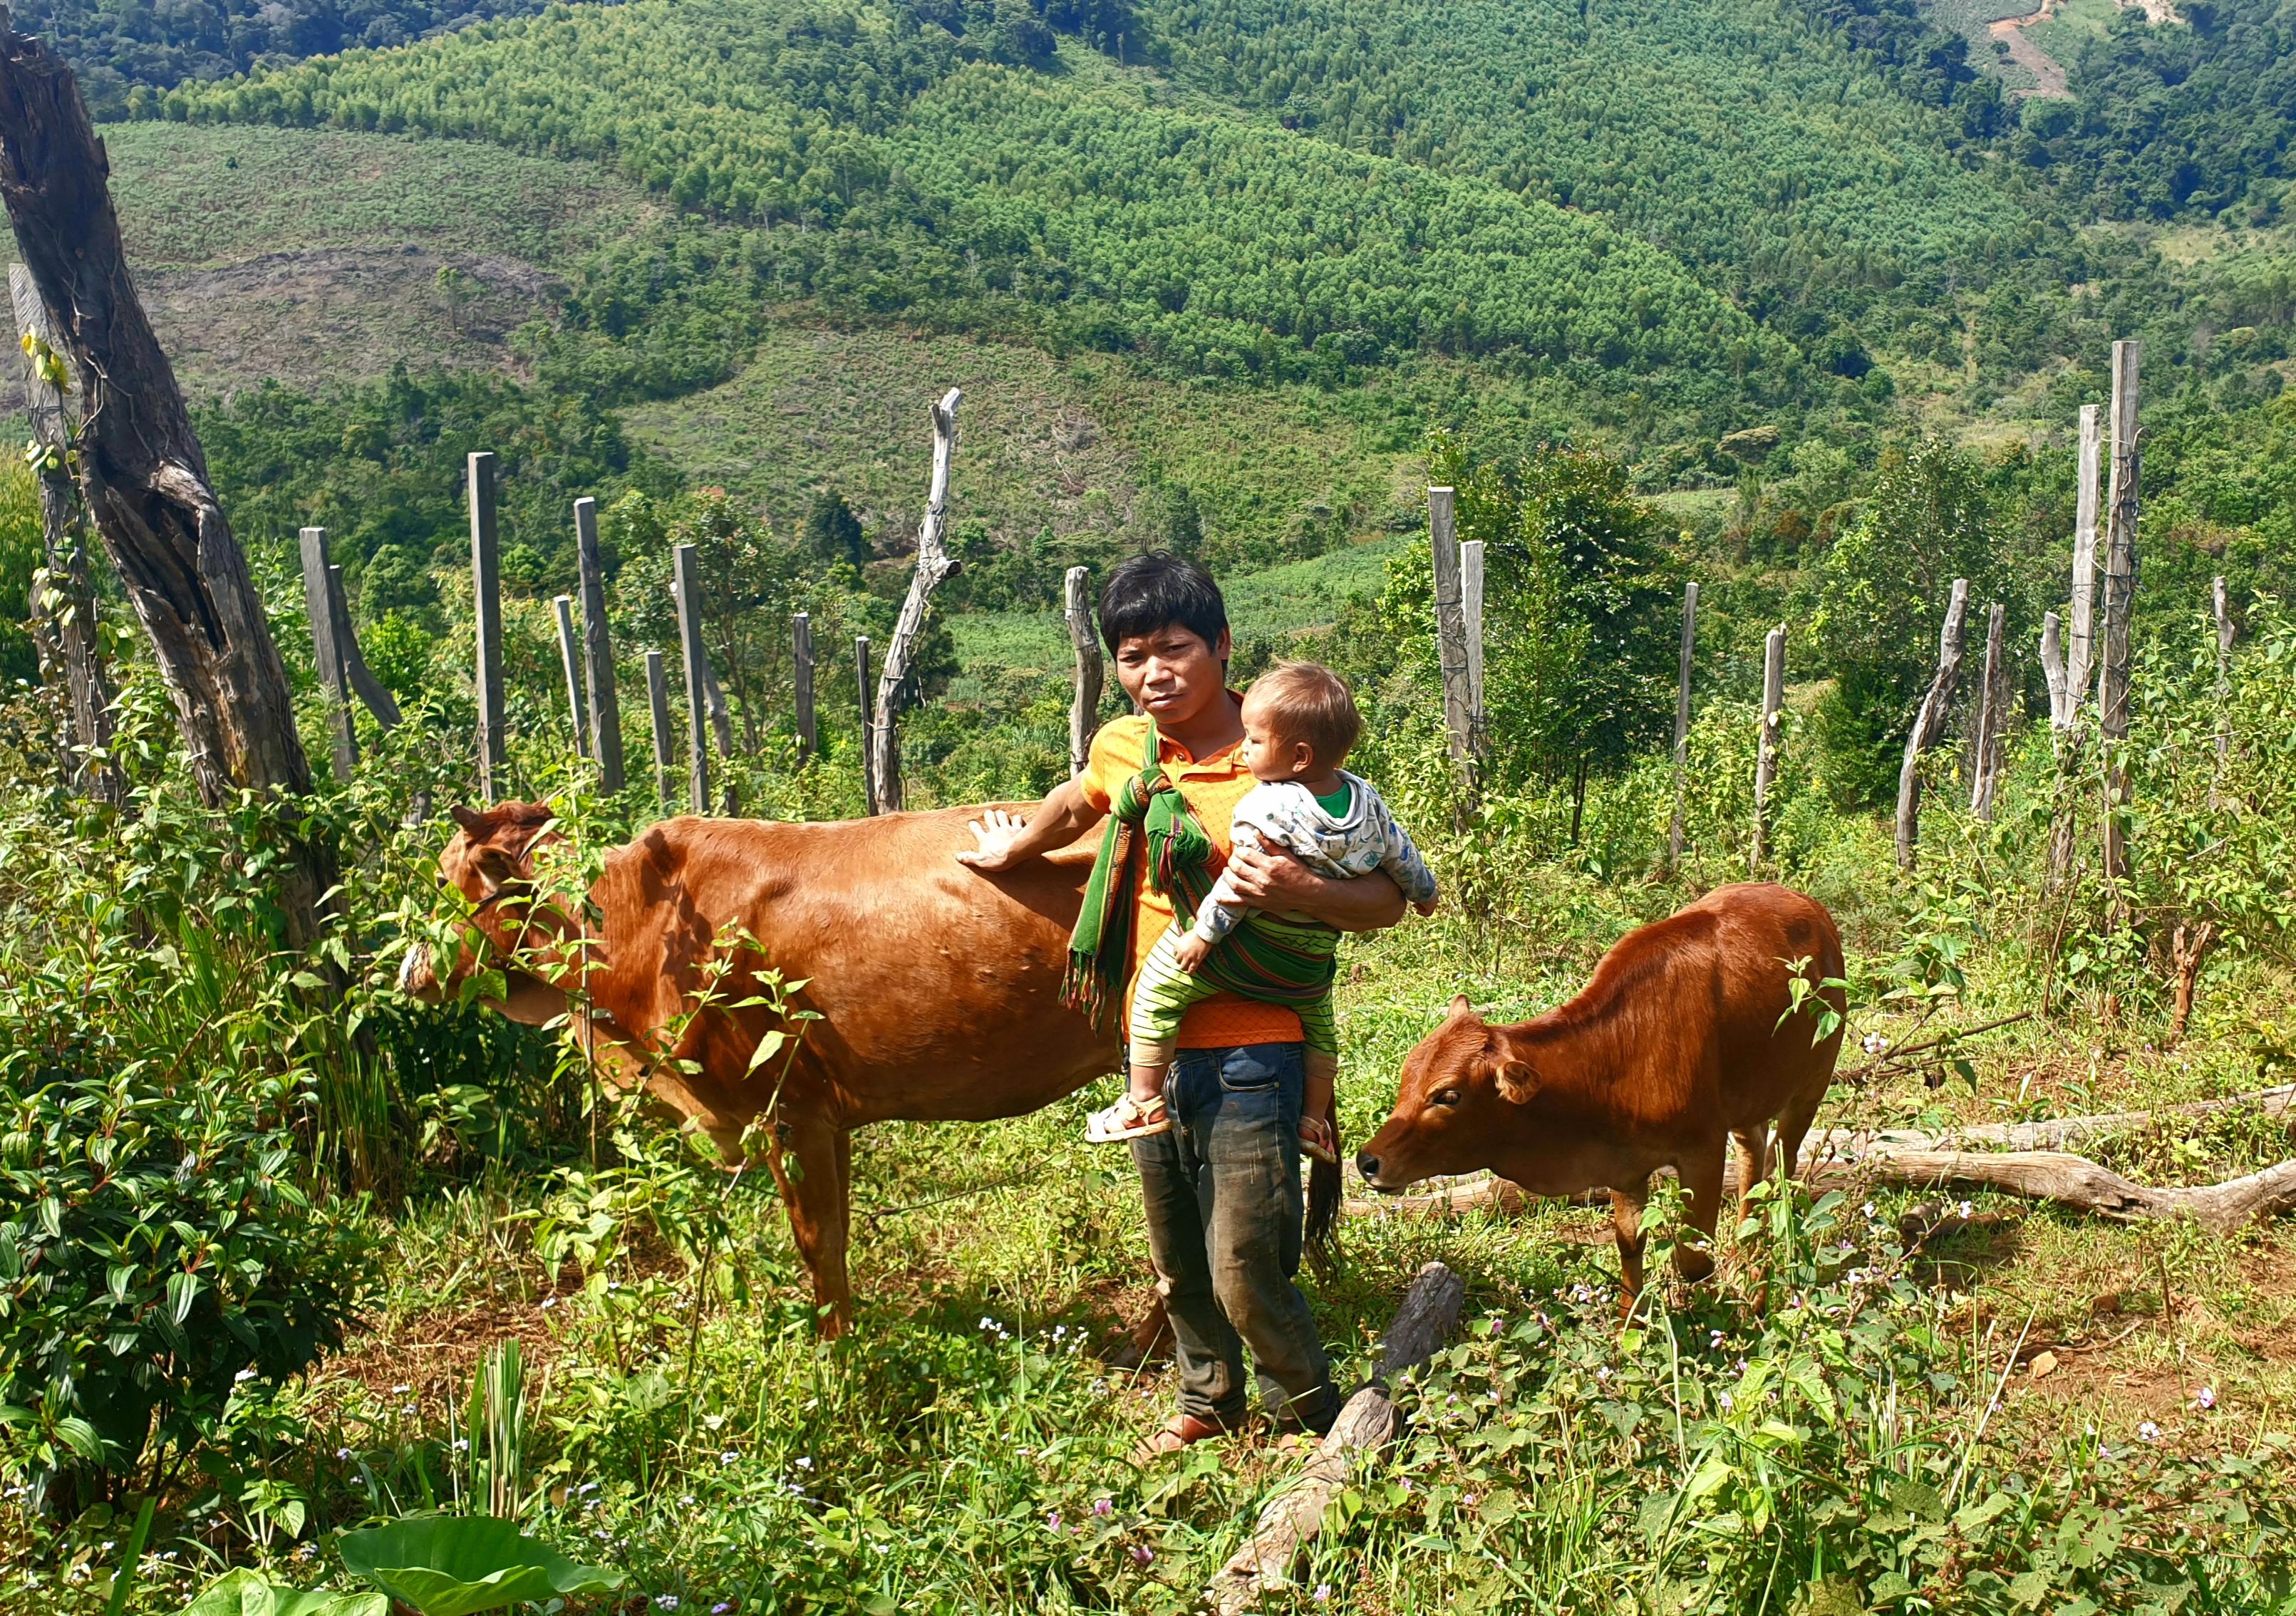 Gia đình anh Cher được Nhà nước hỗ trợ bò giống và hỗ trợ nguồn vốn phát triển sản xuất, nhờ đó đã vươn lên thoát nghèo.